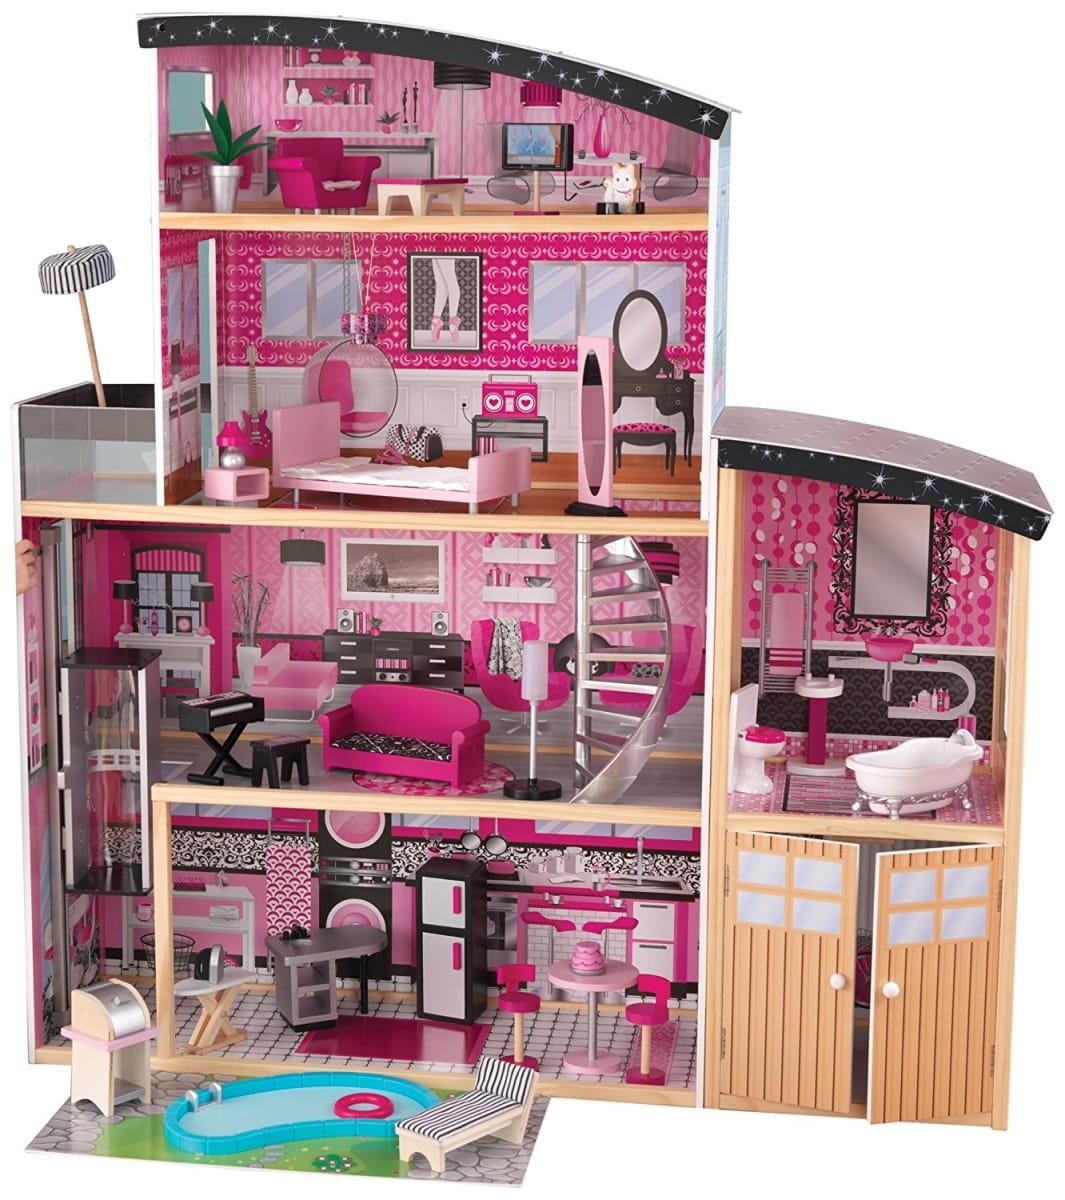 Большой кукольный дом KIDKRAFT Сияние Sparkle Mansion Dollhouse